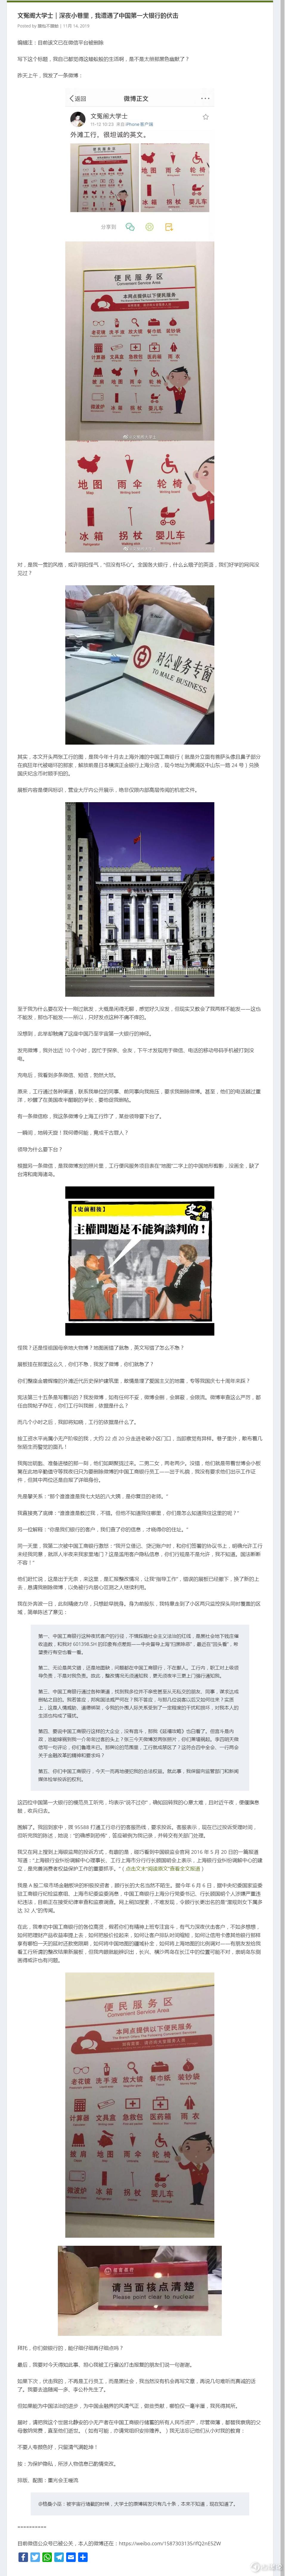 工商银行骚扰曝光英文翻译错误的网民 深夜小巷里,我遭遇了中国第一大银行的伏击.png